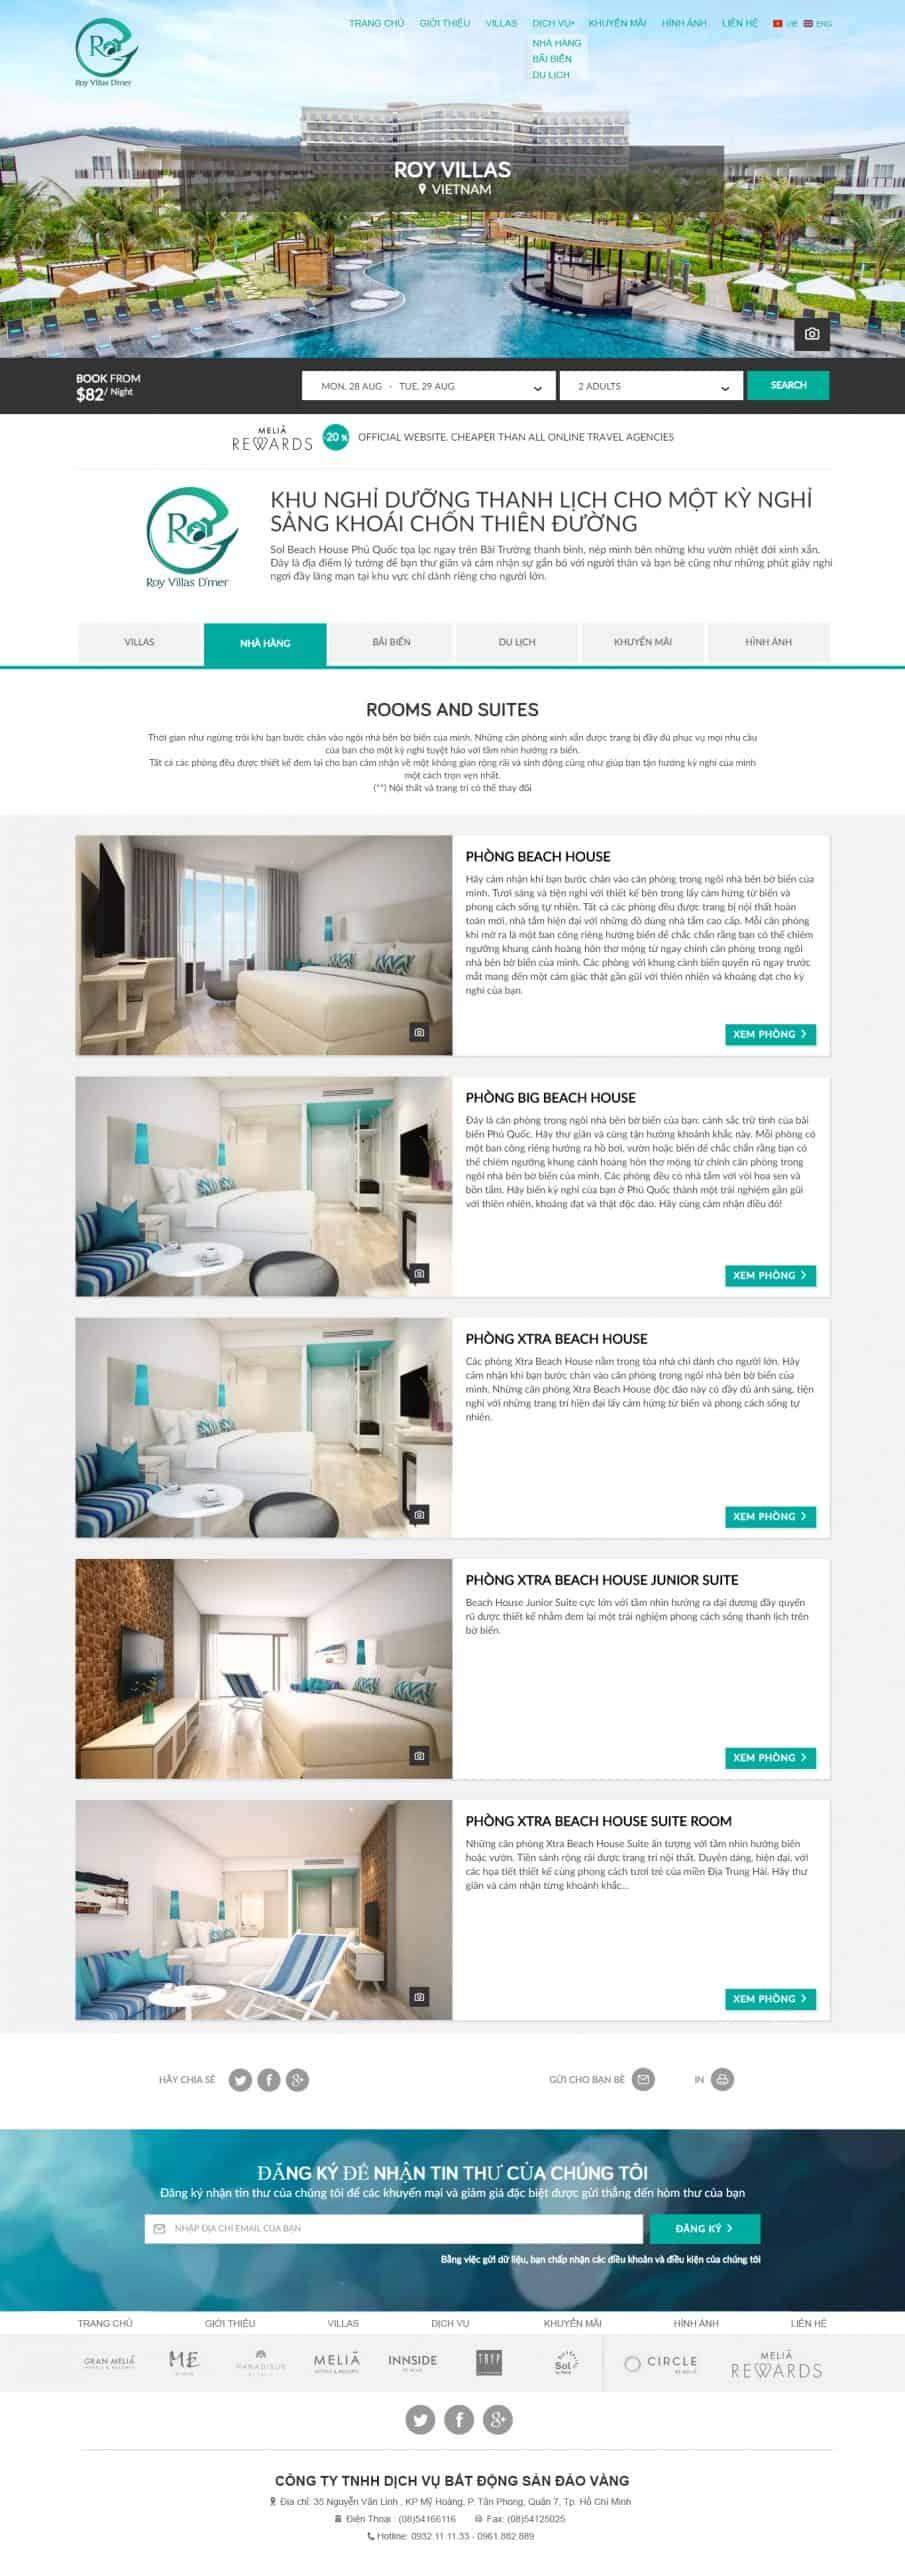 Thiết kế website Thiết kế website du lịch roy villas